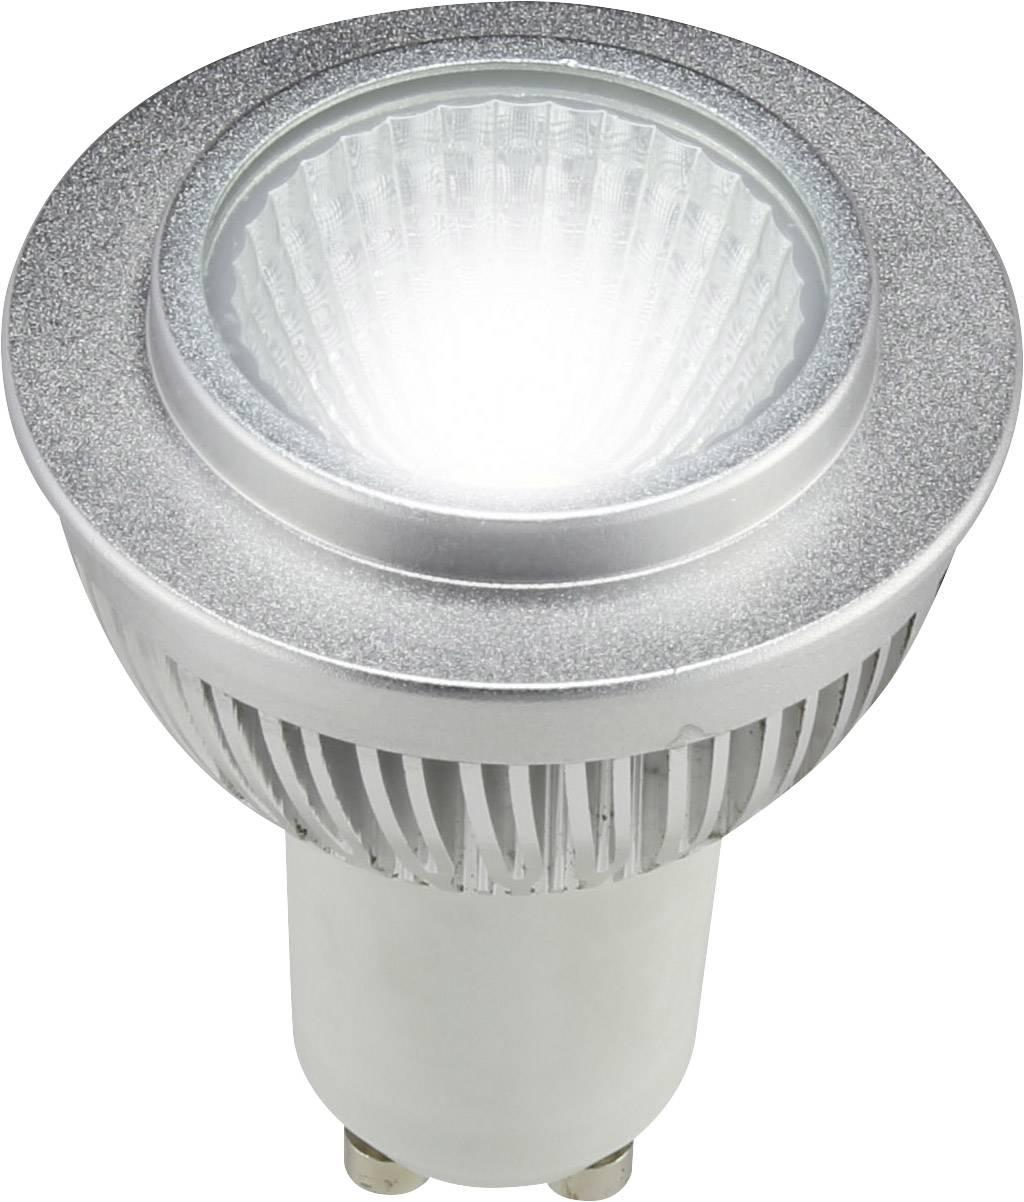 LED žiarovka Sygonix 8632c98b 230 V, 4 W = 25 W, chladná biela, A+, 1 ks